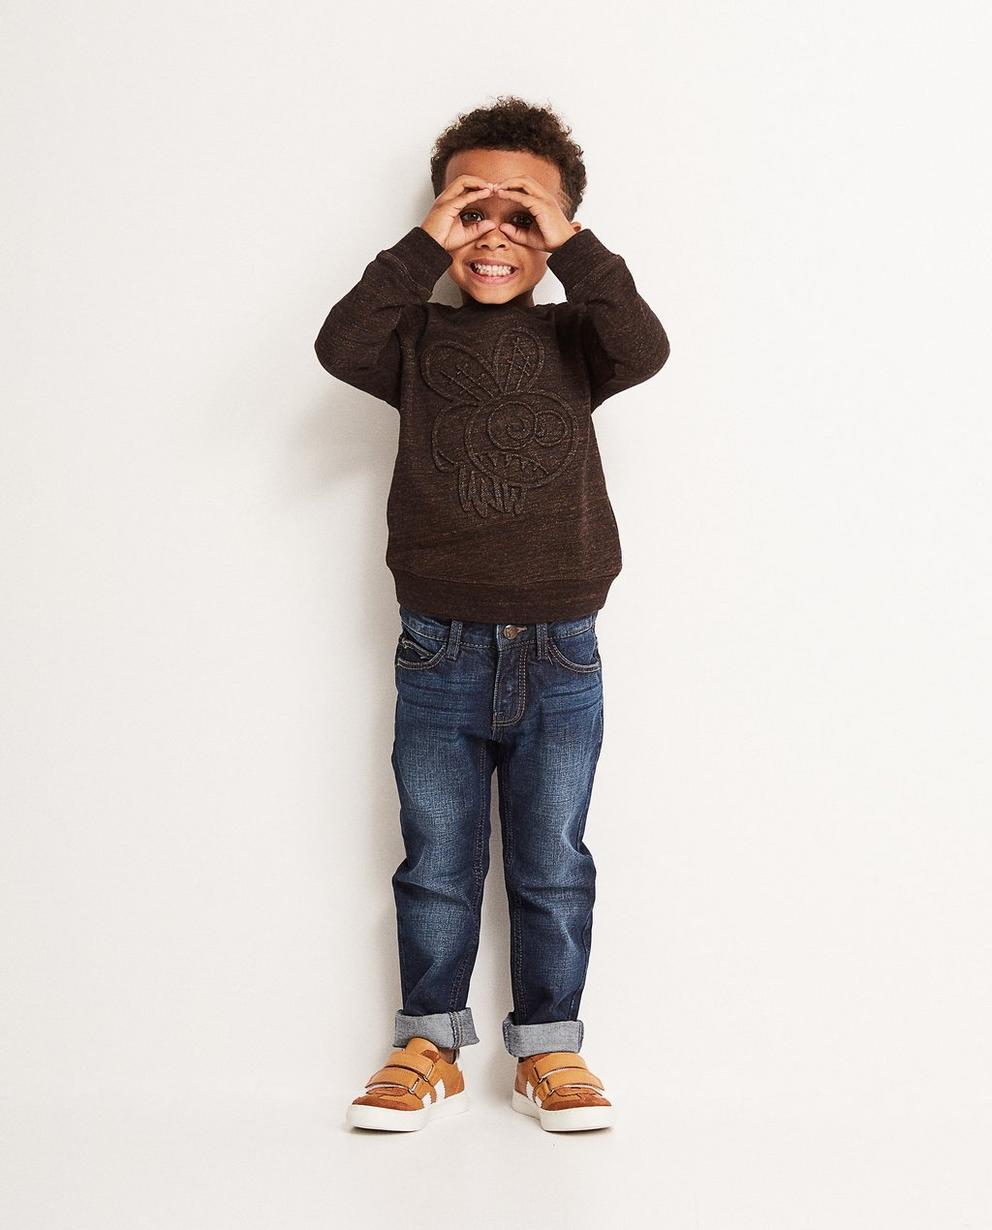 Sweatshirt mit Reliefprint - in meliertem Dunkelbraun - JBC